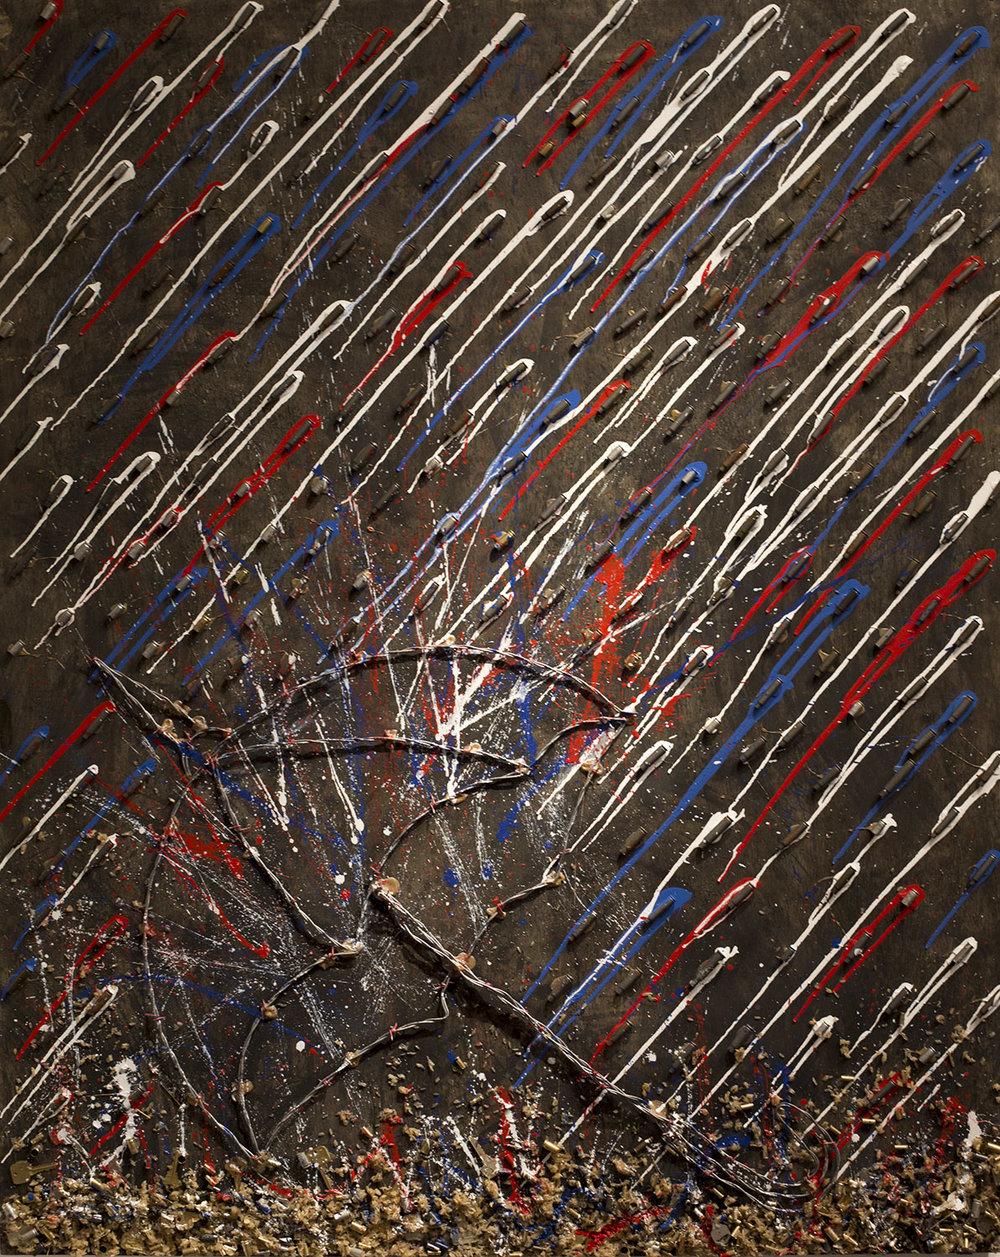 'Umbrella' 60x48